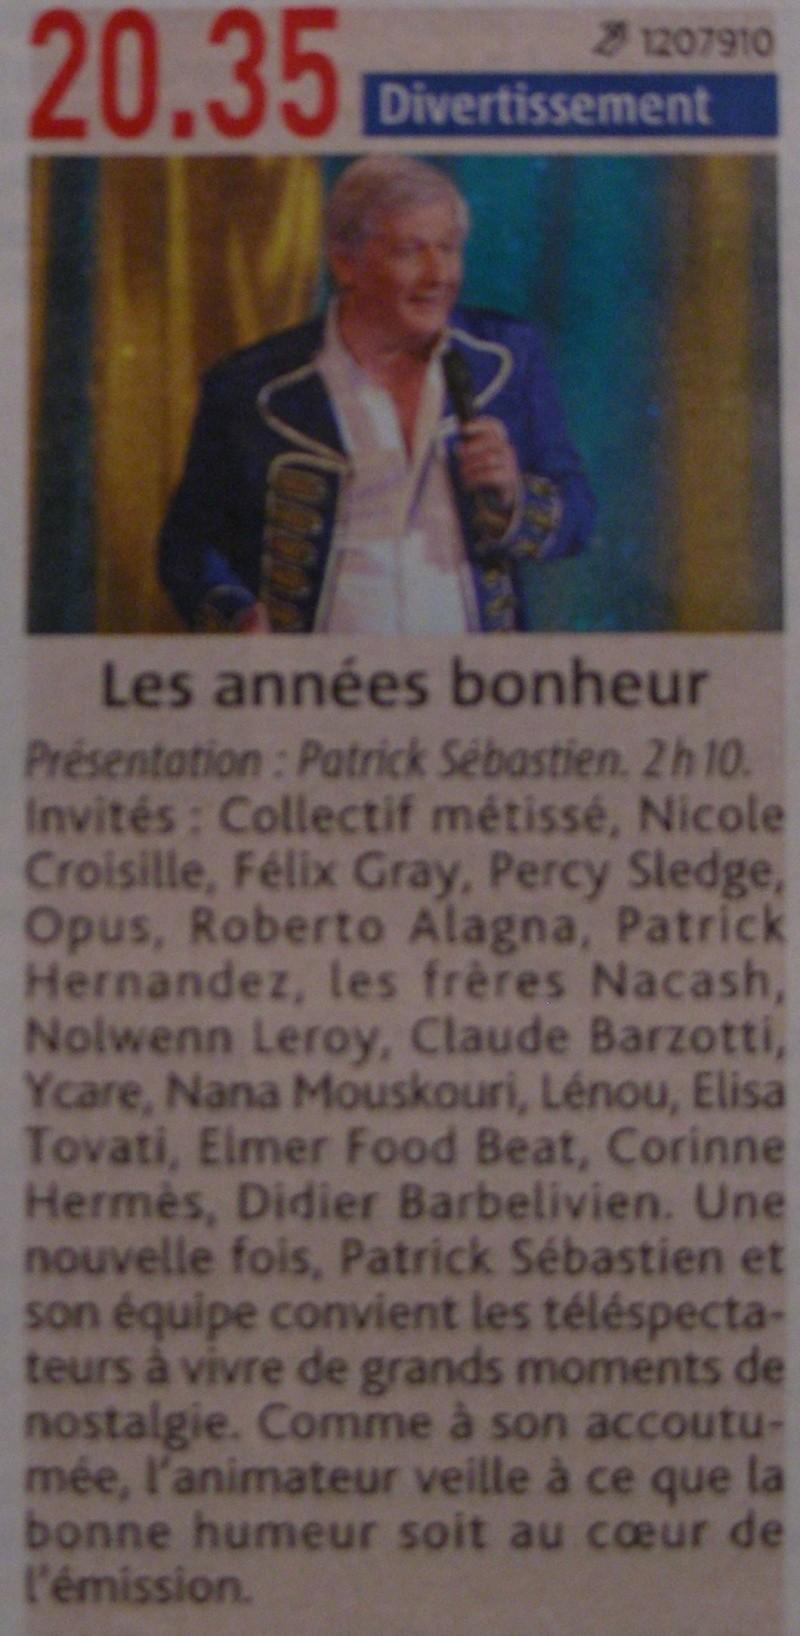 Blog de barzotti83 : Rikounet 83, On repeint la musique avec Claude Barzotti sur France Bleu